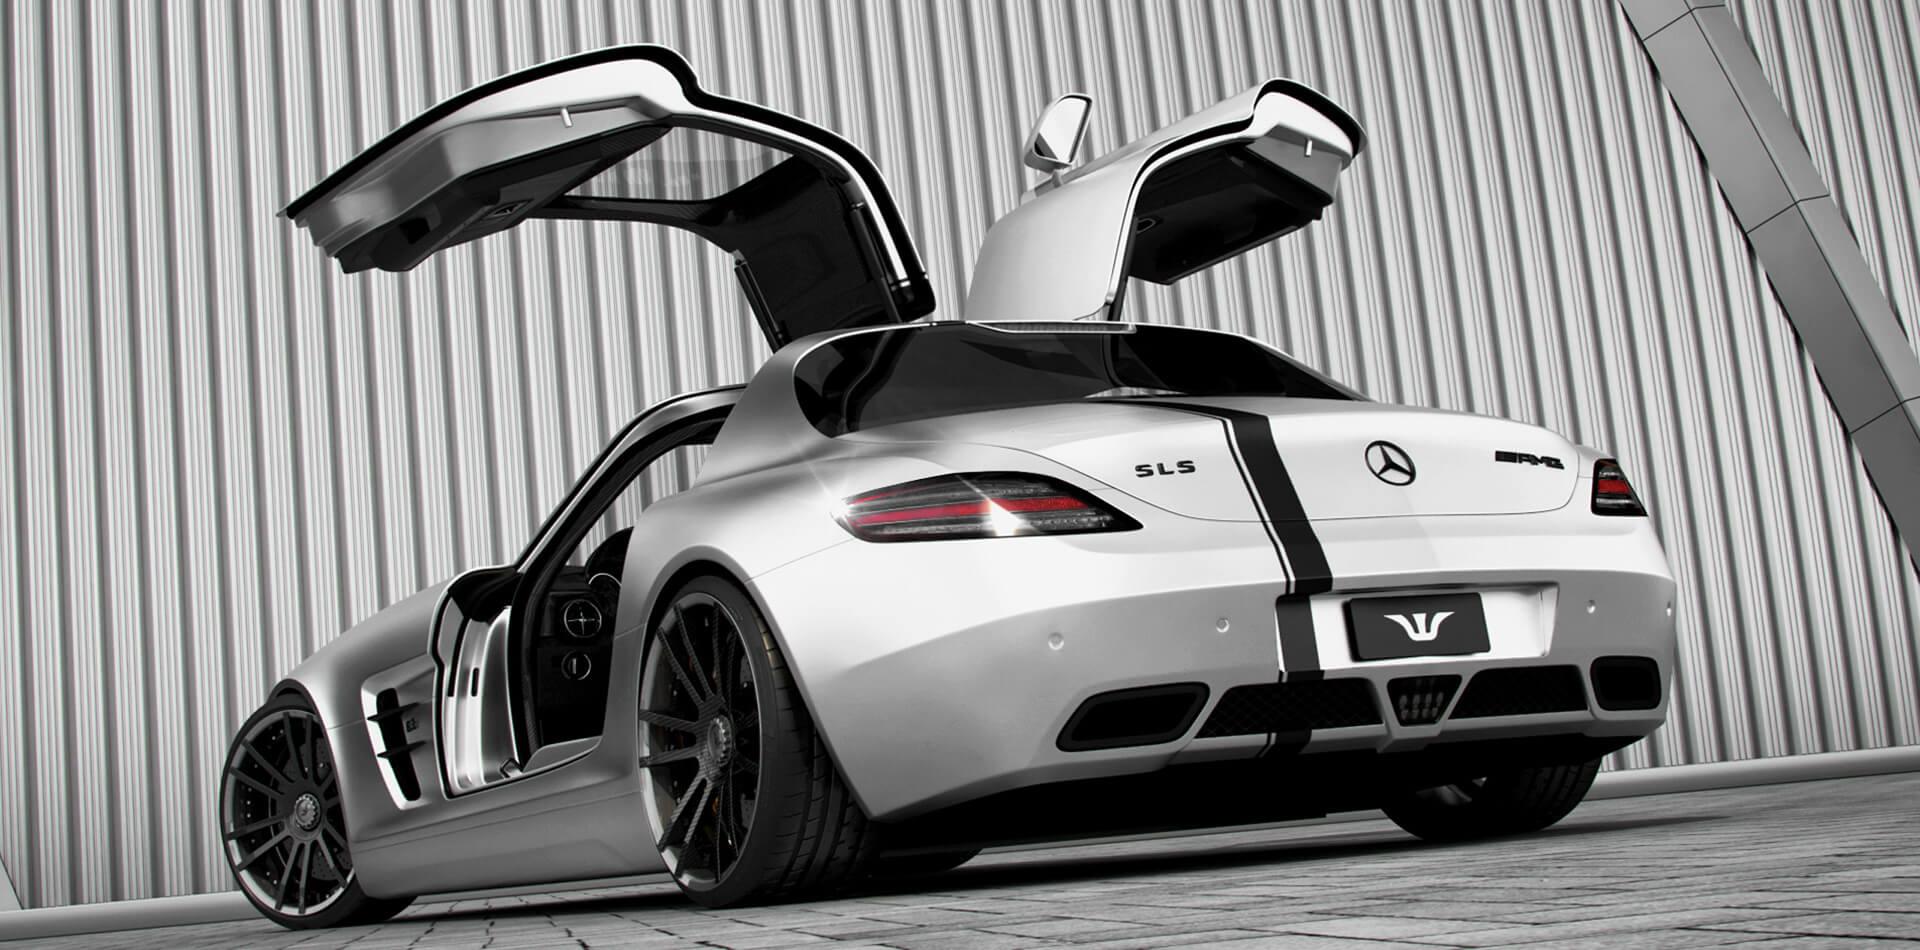 Auspuffanlage_Mercedes_AMG_SLS_Klappen